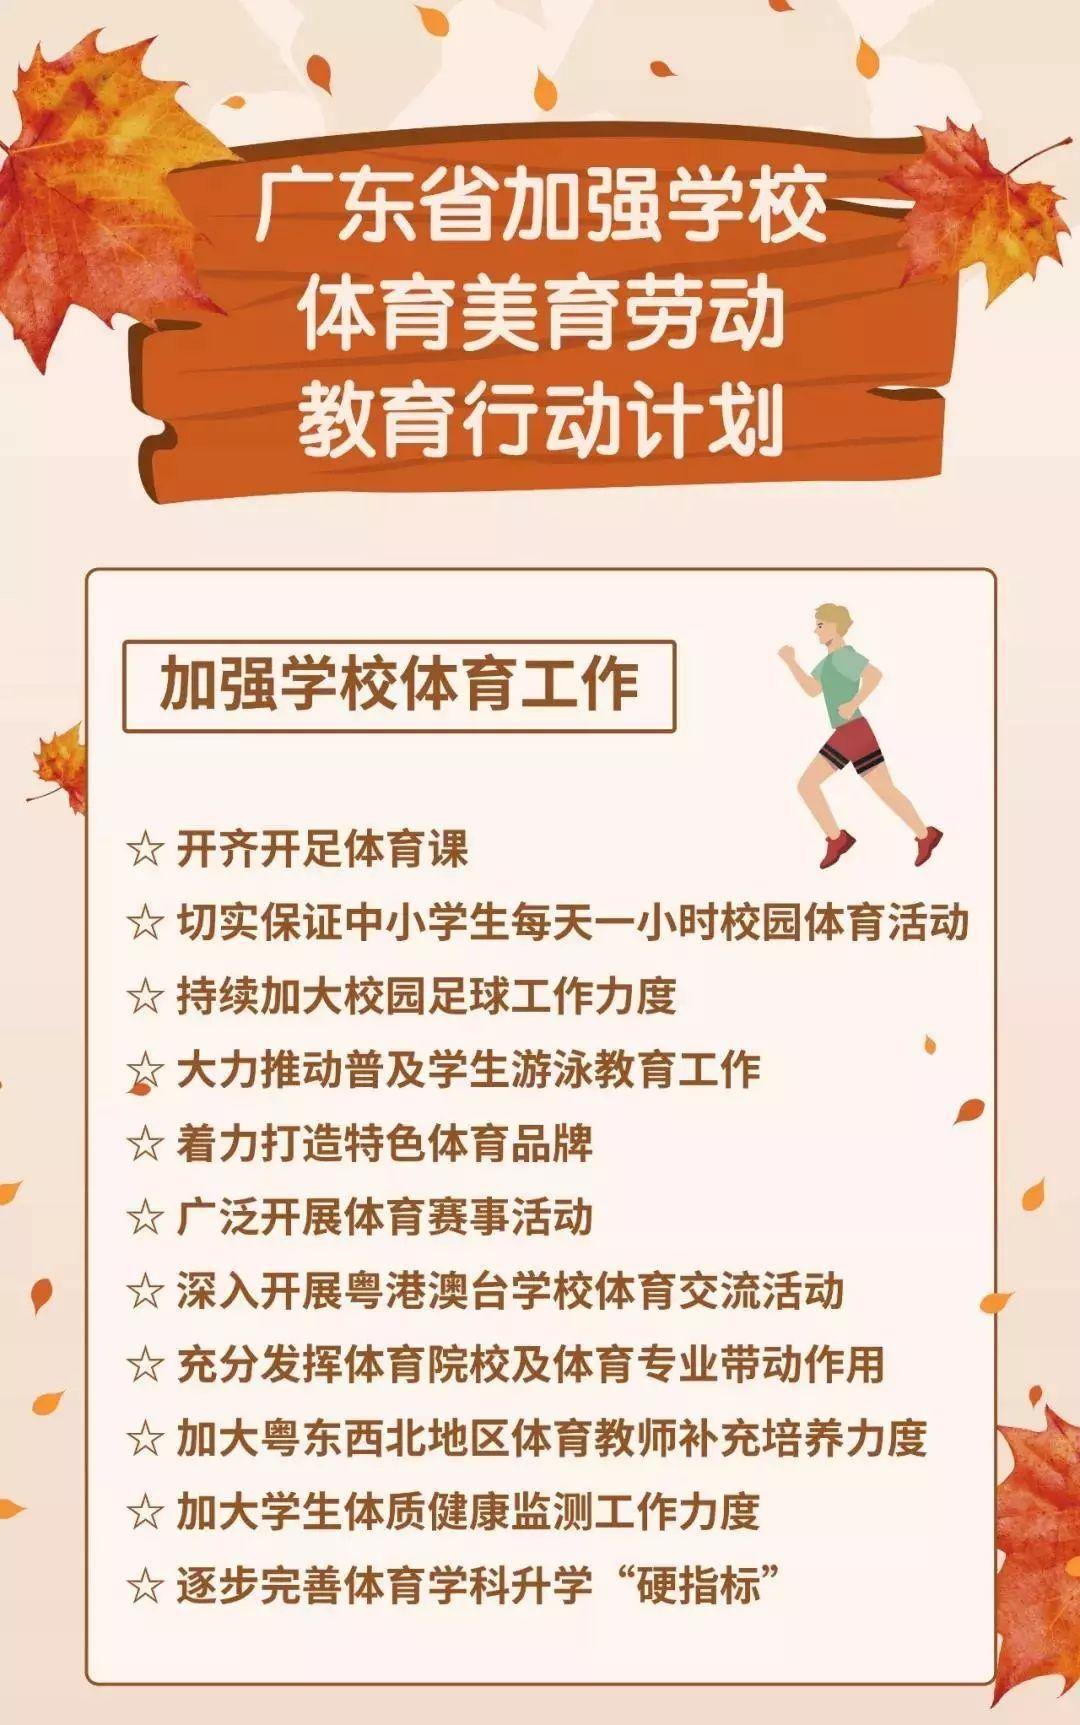 省教育厅:2020年起广东各小学将